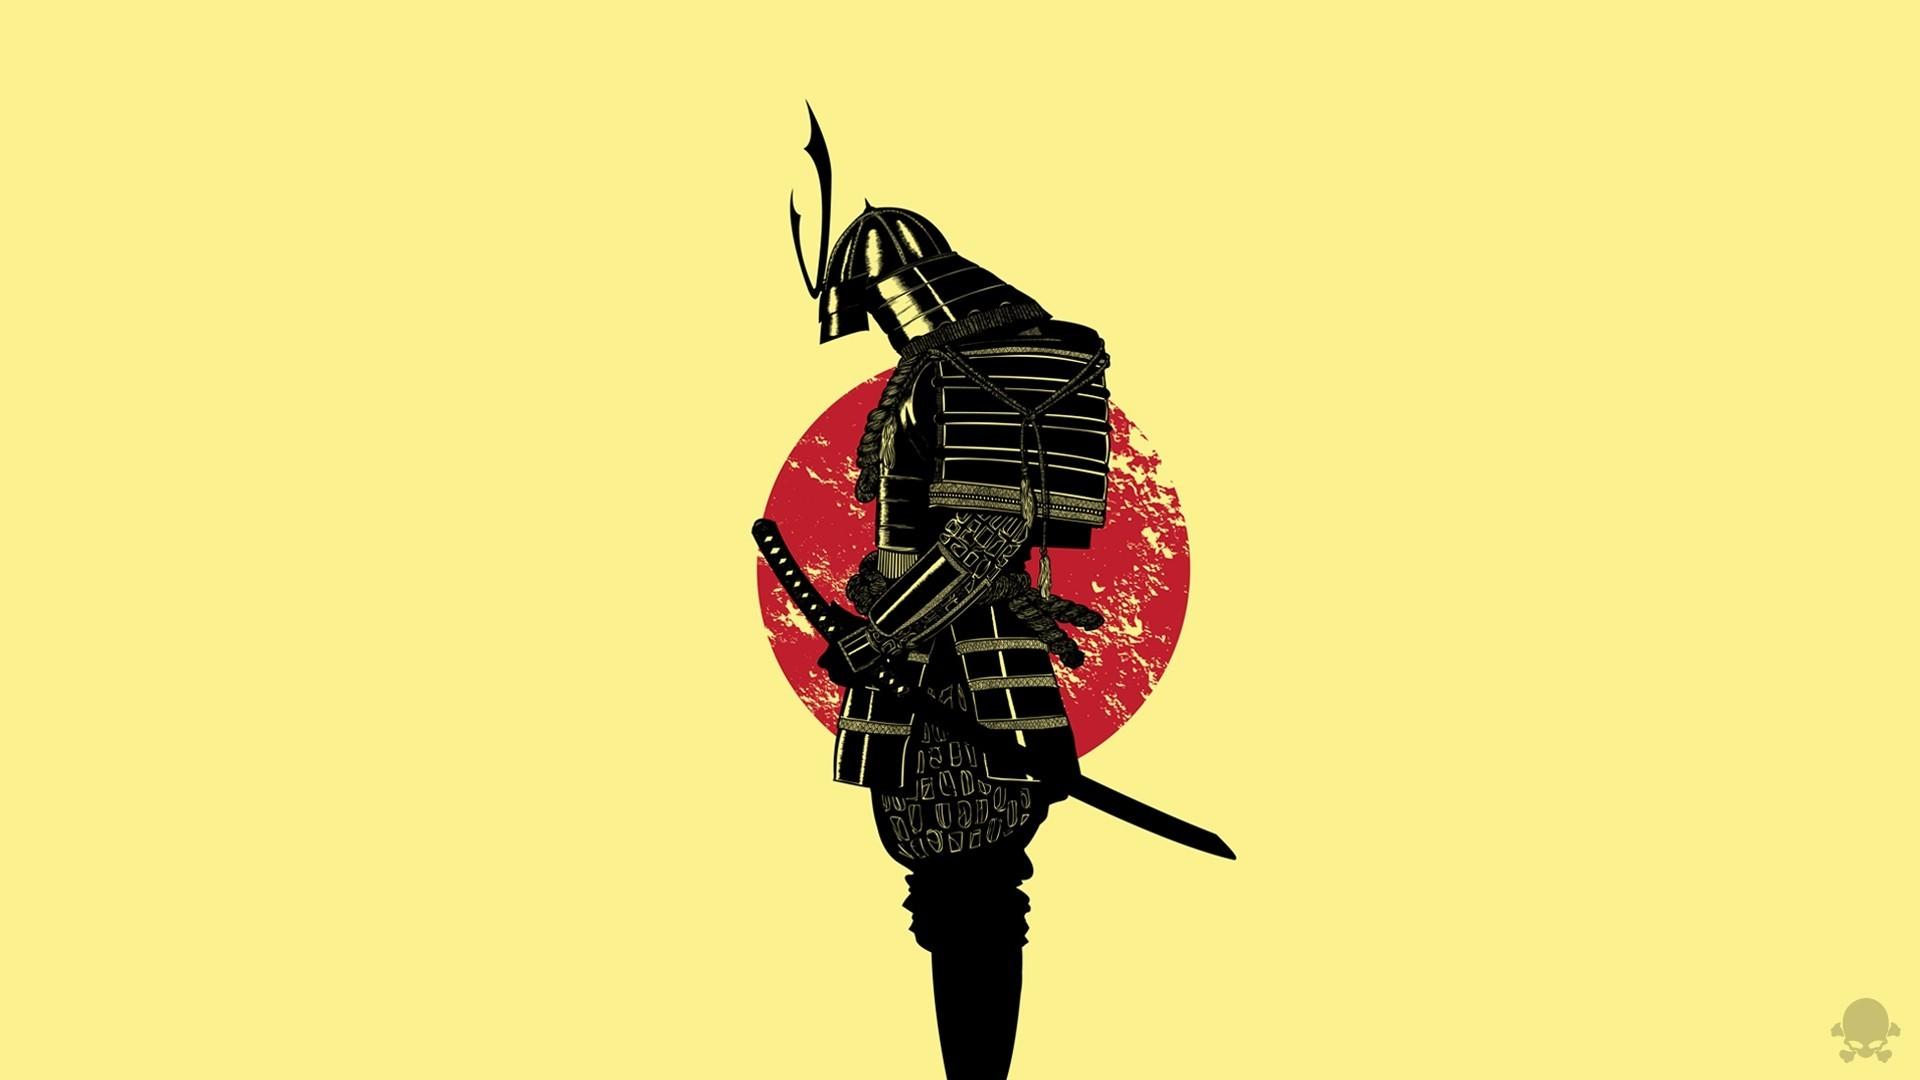 Samurai warrior sword wallpaper 1920x1080 46285 WallpaperUP 1920x1080